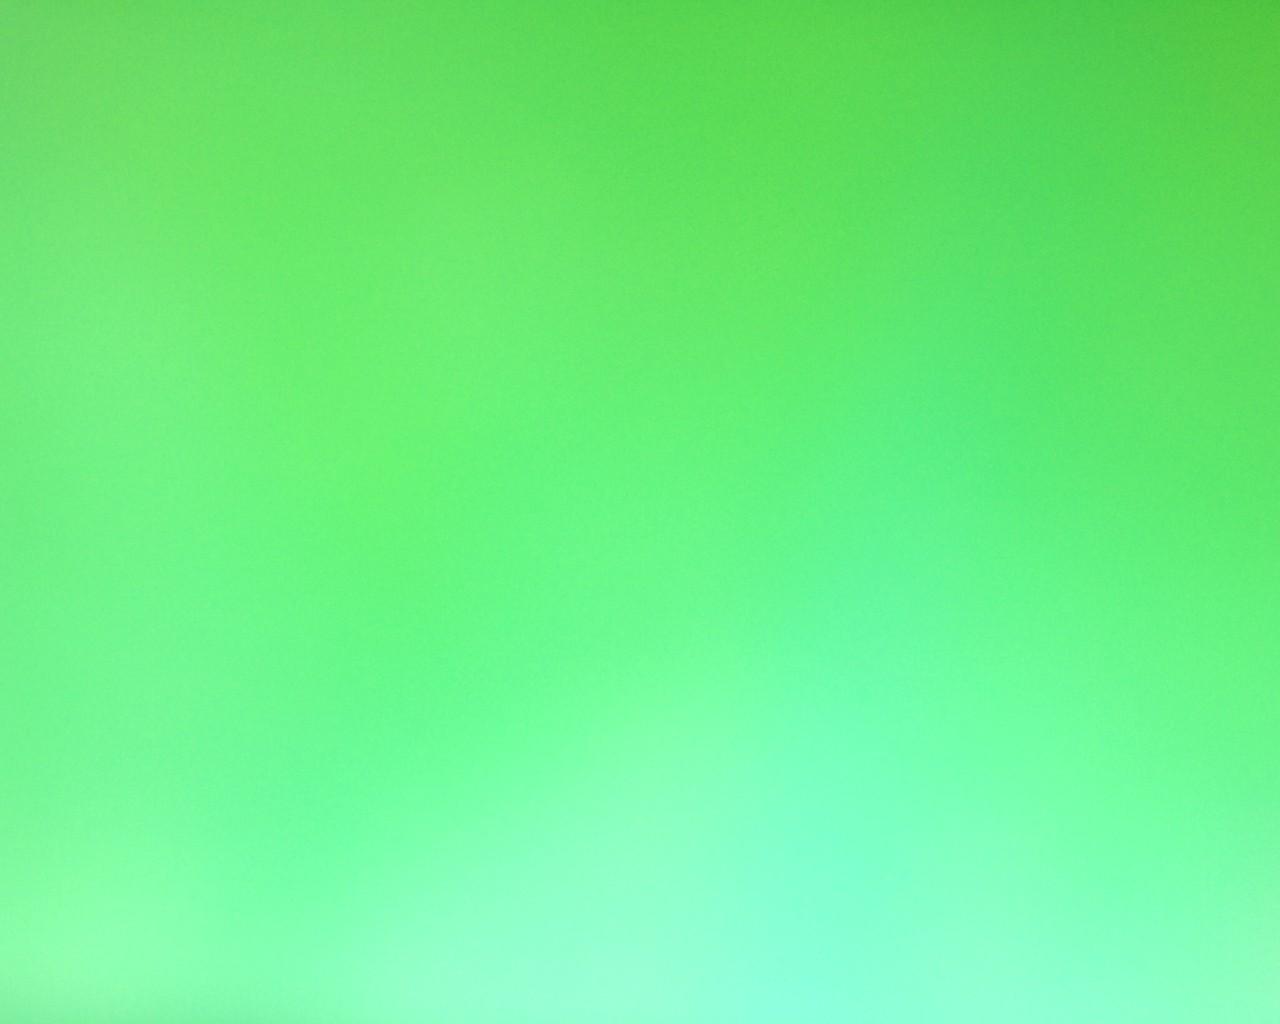 Fonds d'écran Couleur & Texture gratuits 1280x1024 pixels